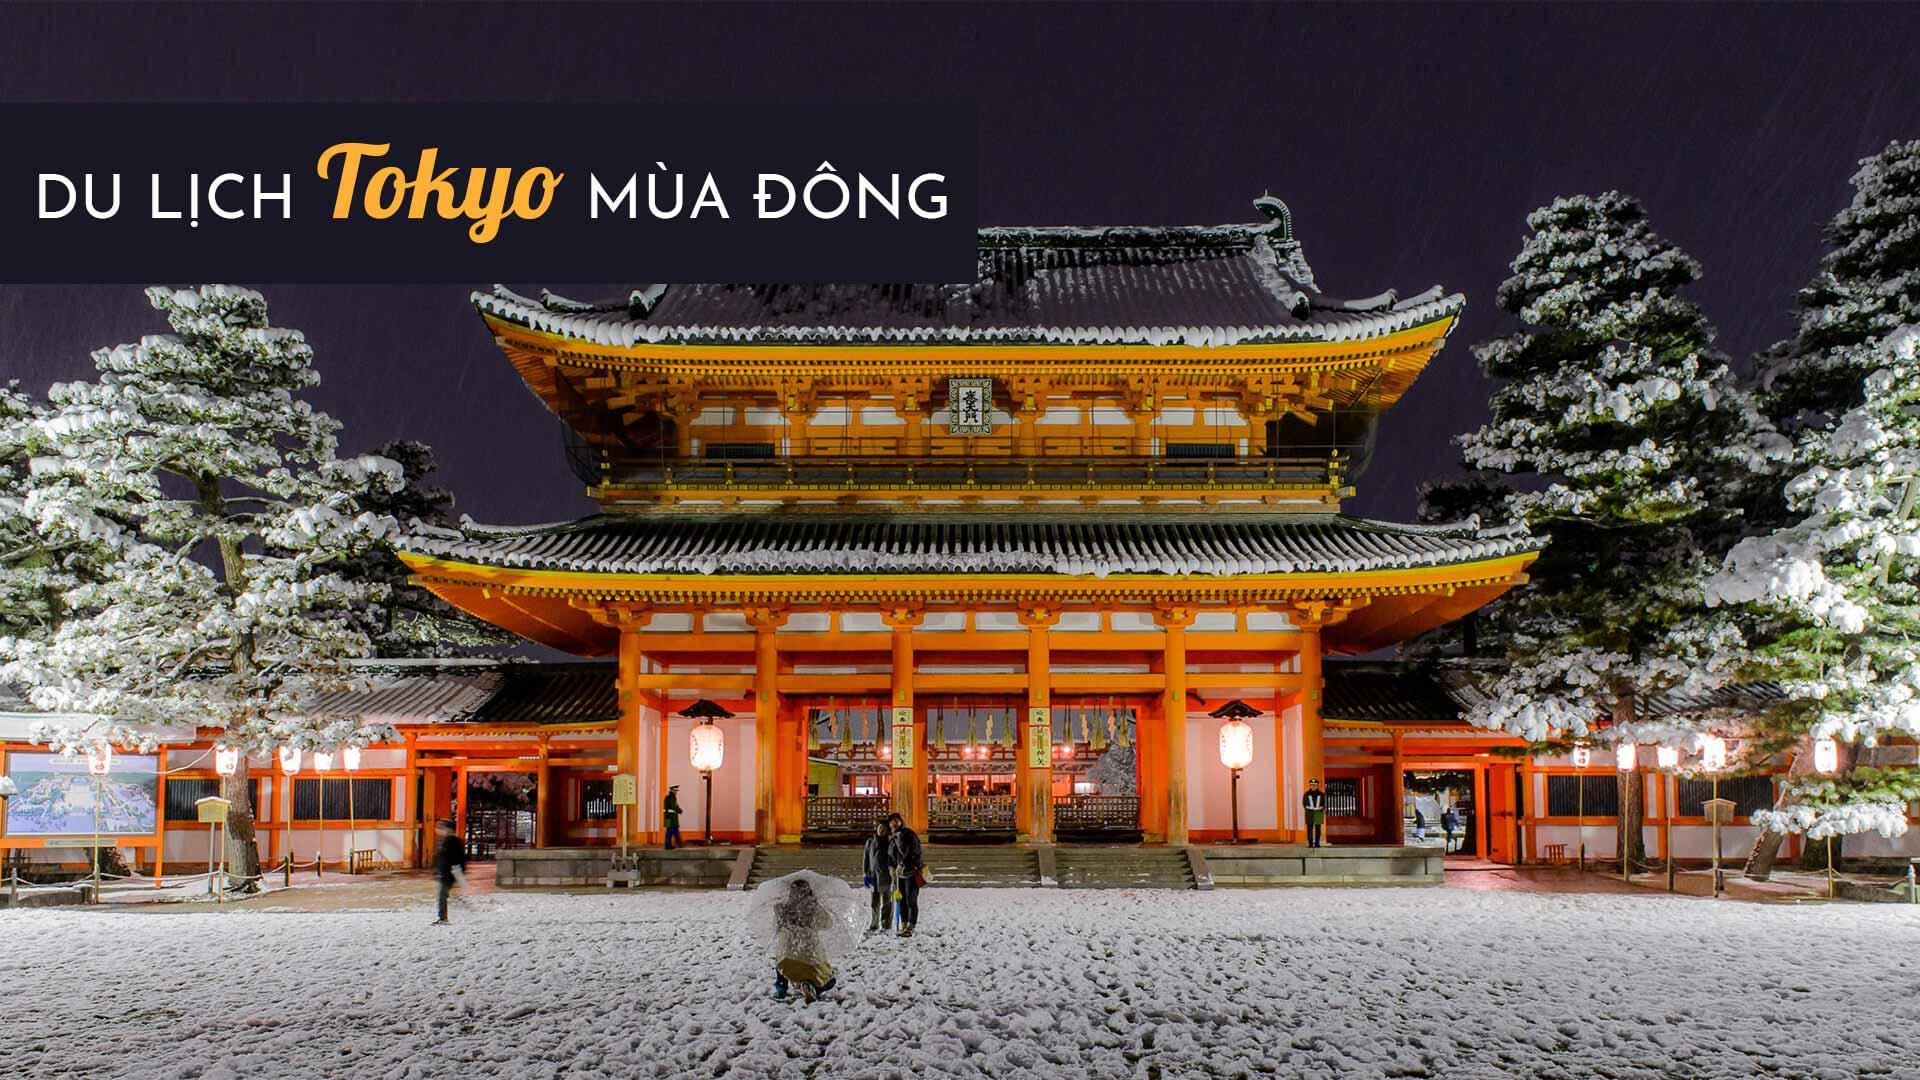 Kinh nghiệm du lịch Tokyo mùa đông: Đi đâu? Chơi gì?